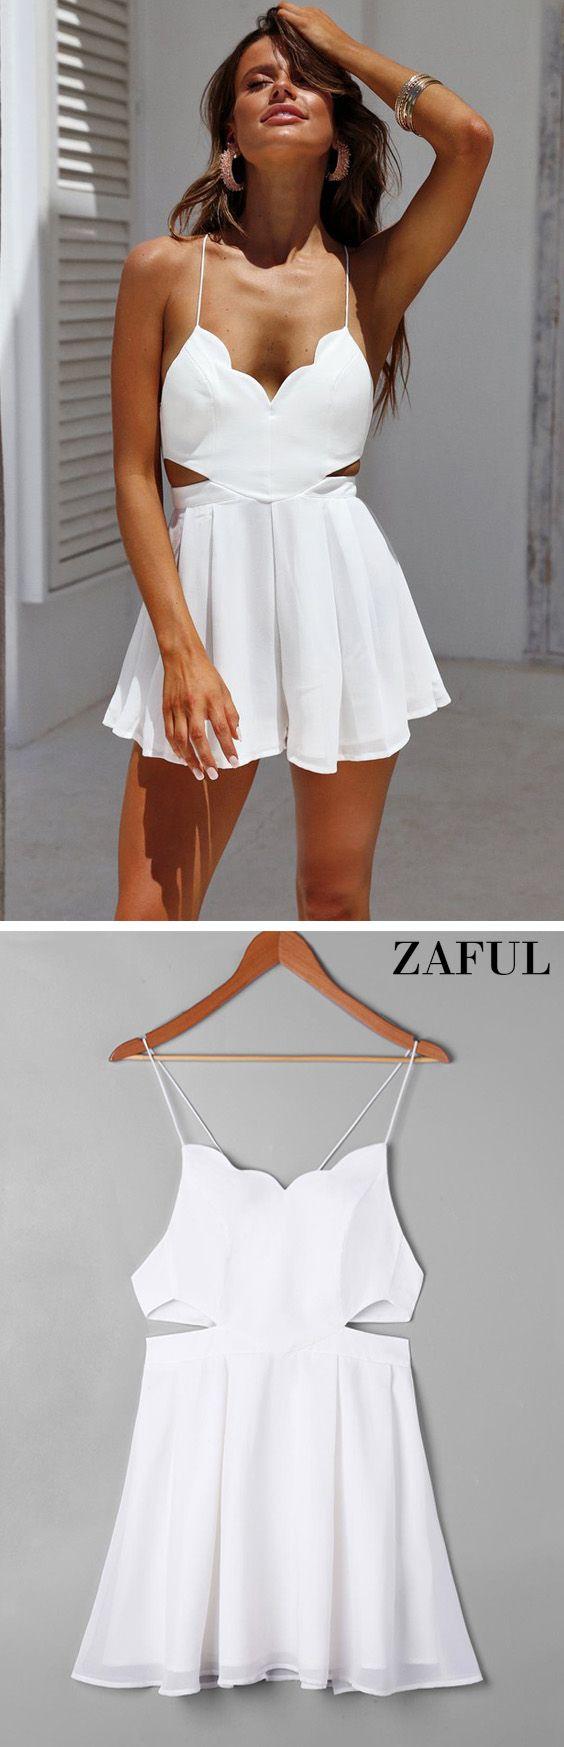 Scalloped side cut out swing dress zaful clothing pinterest